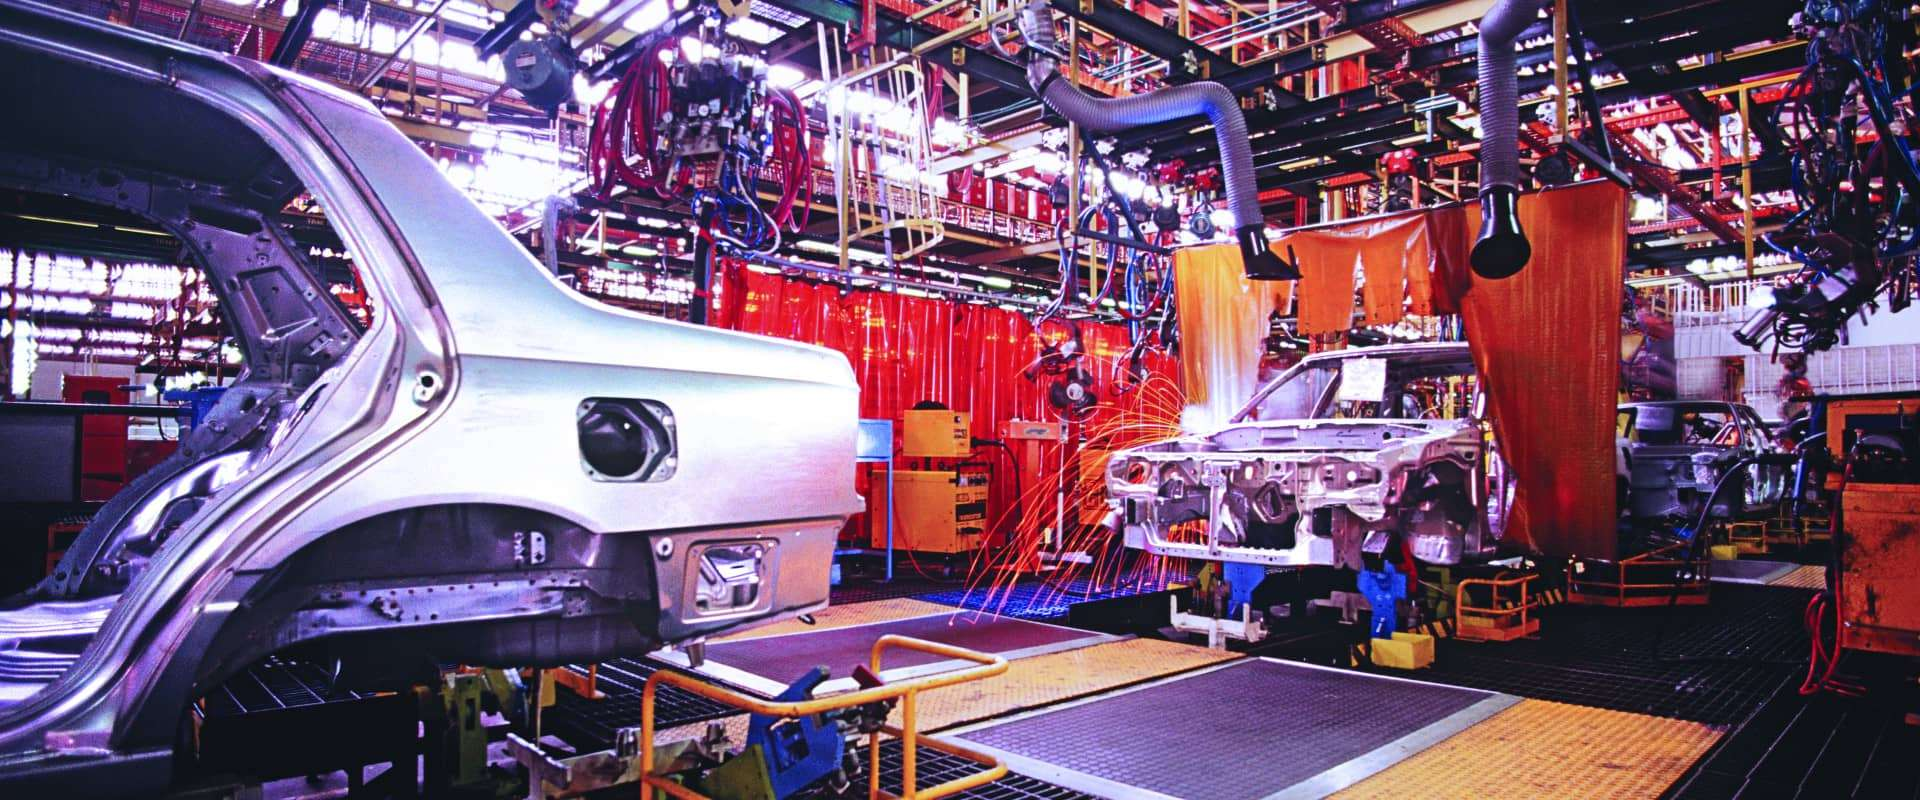 Automobilindustrie und Automobilzulieferer Software